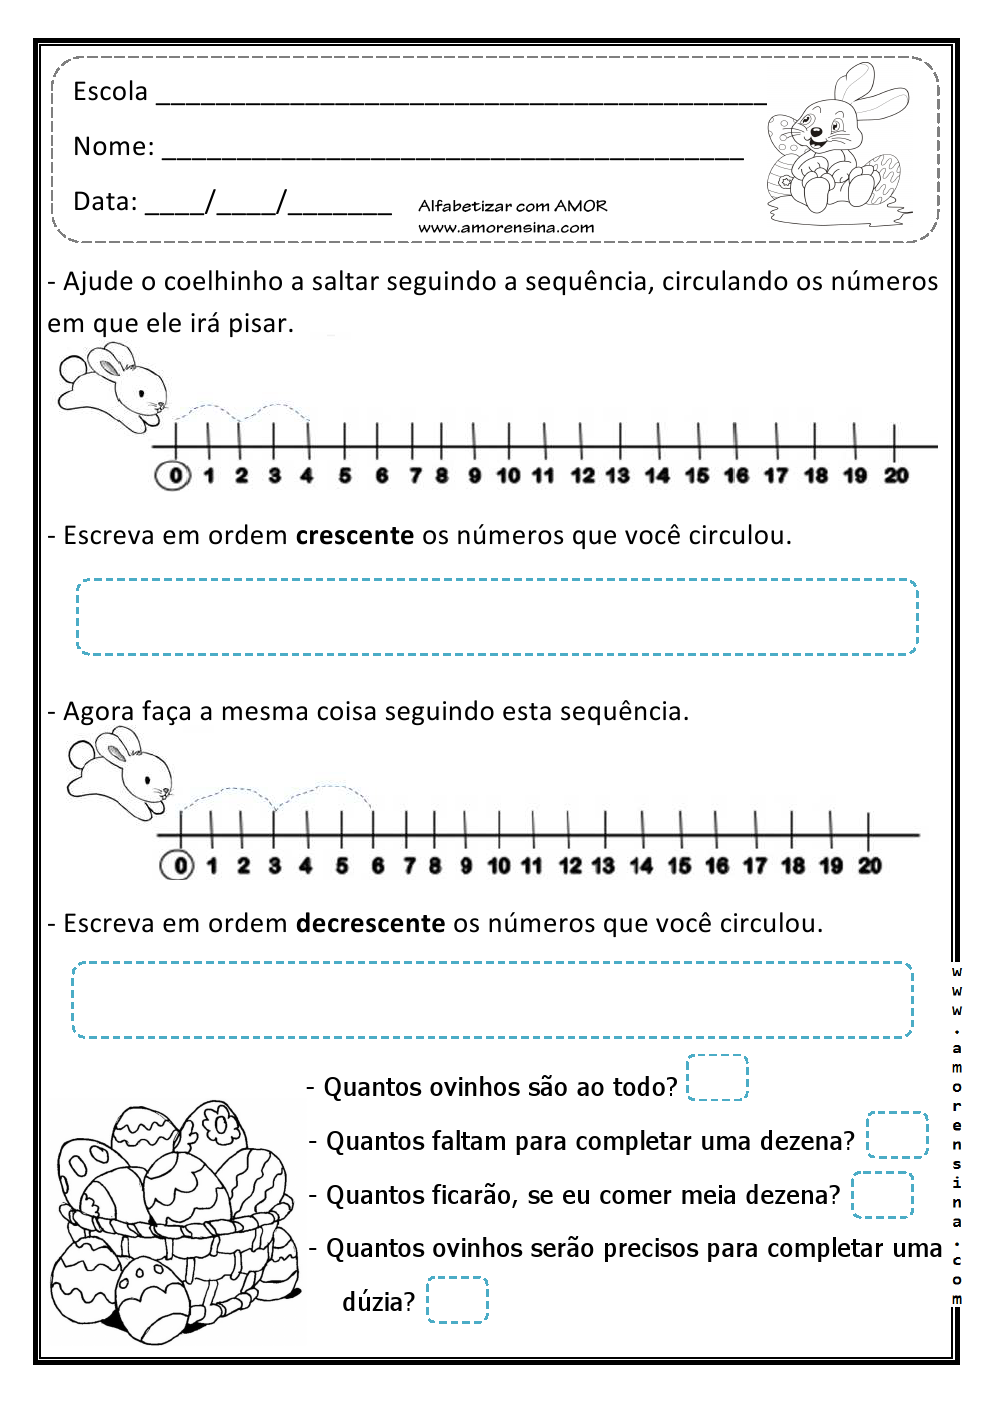 Alfabetizar com AMOR: SEGUINDO A SEQUÊNCIA COM O COELHINHO ( TRABALHANDO ORDEM CRESCENTE E DECRESCENTE) - 1º/2º ANO